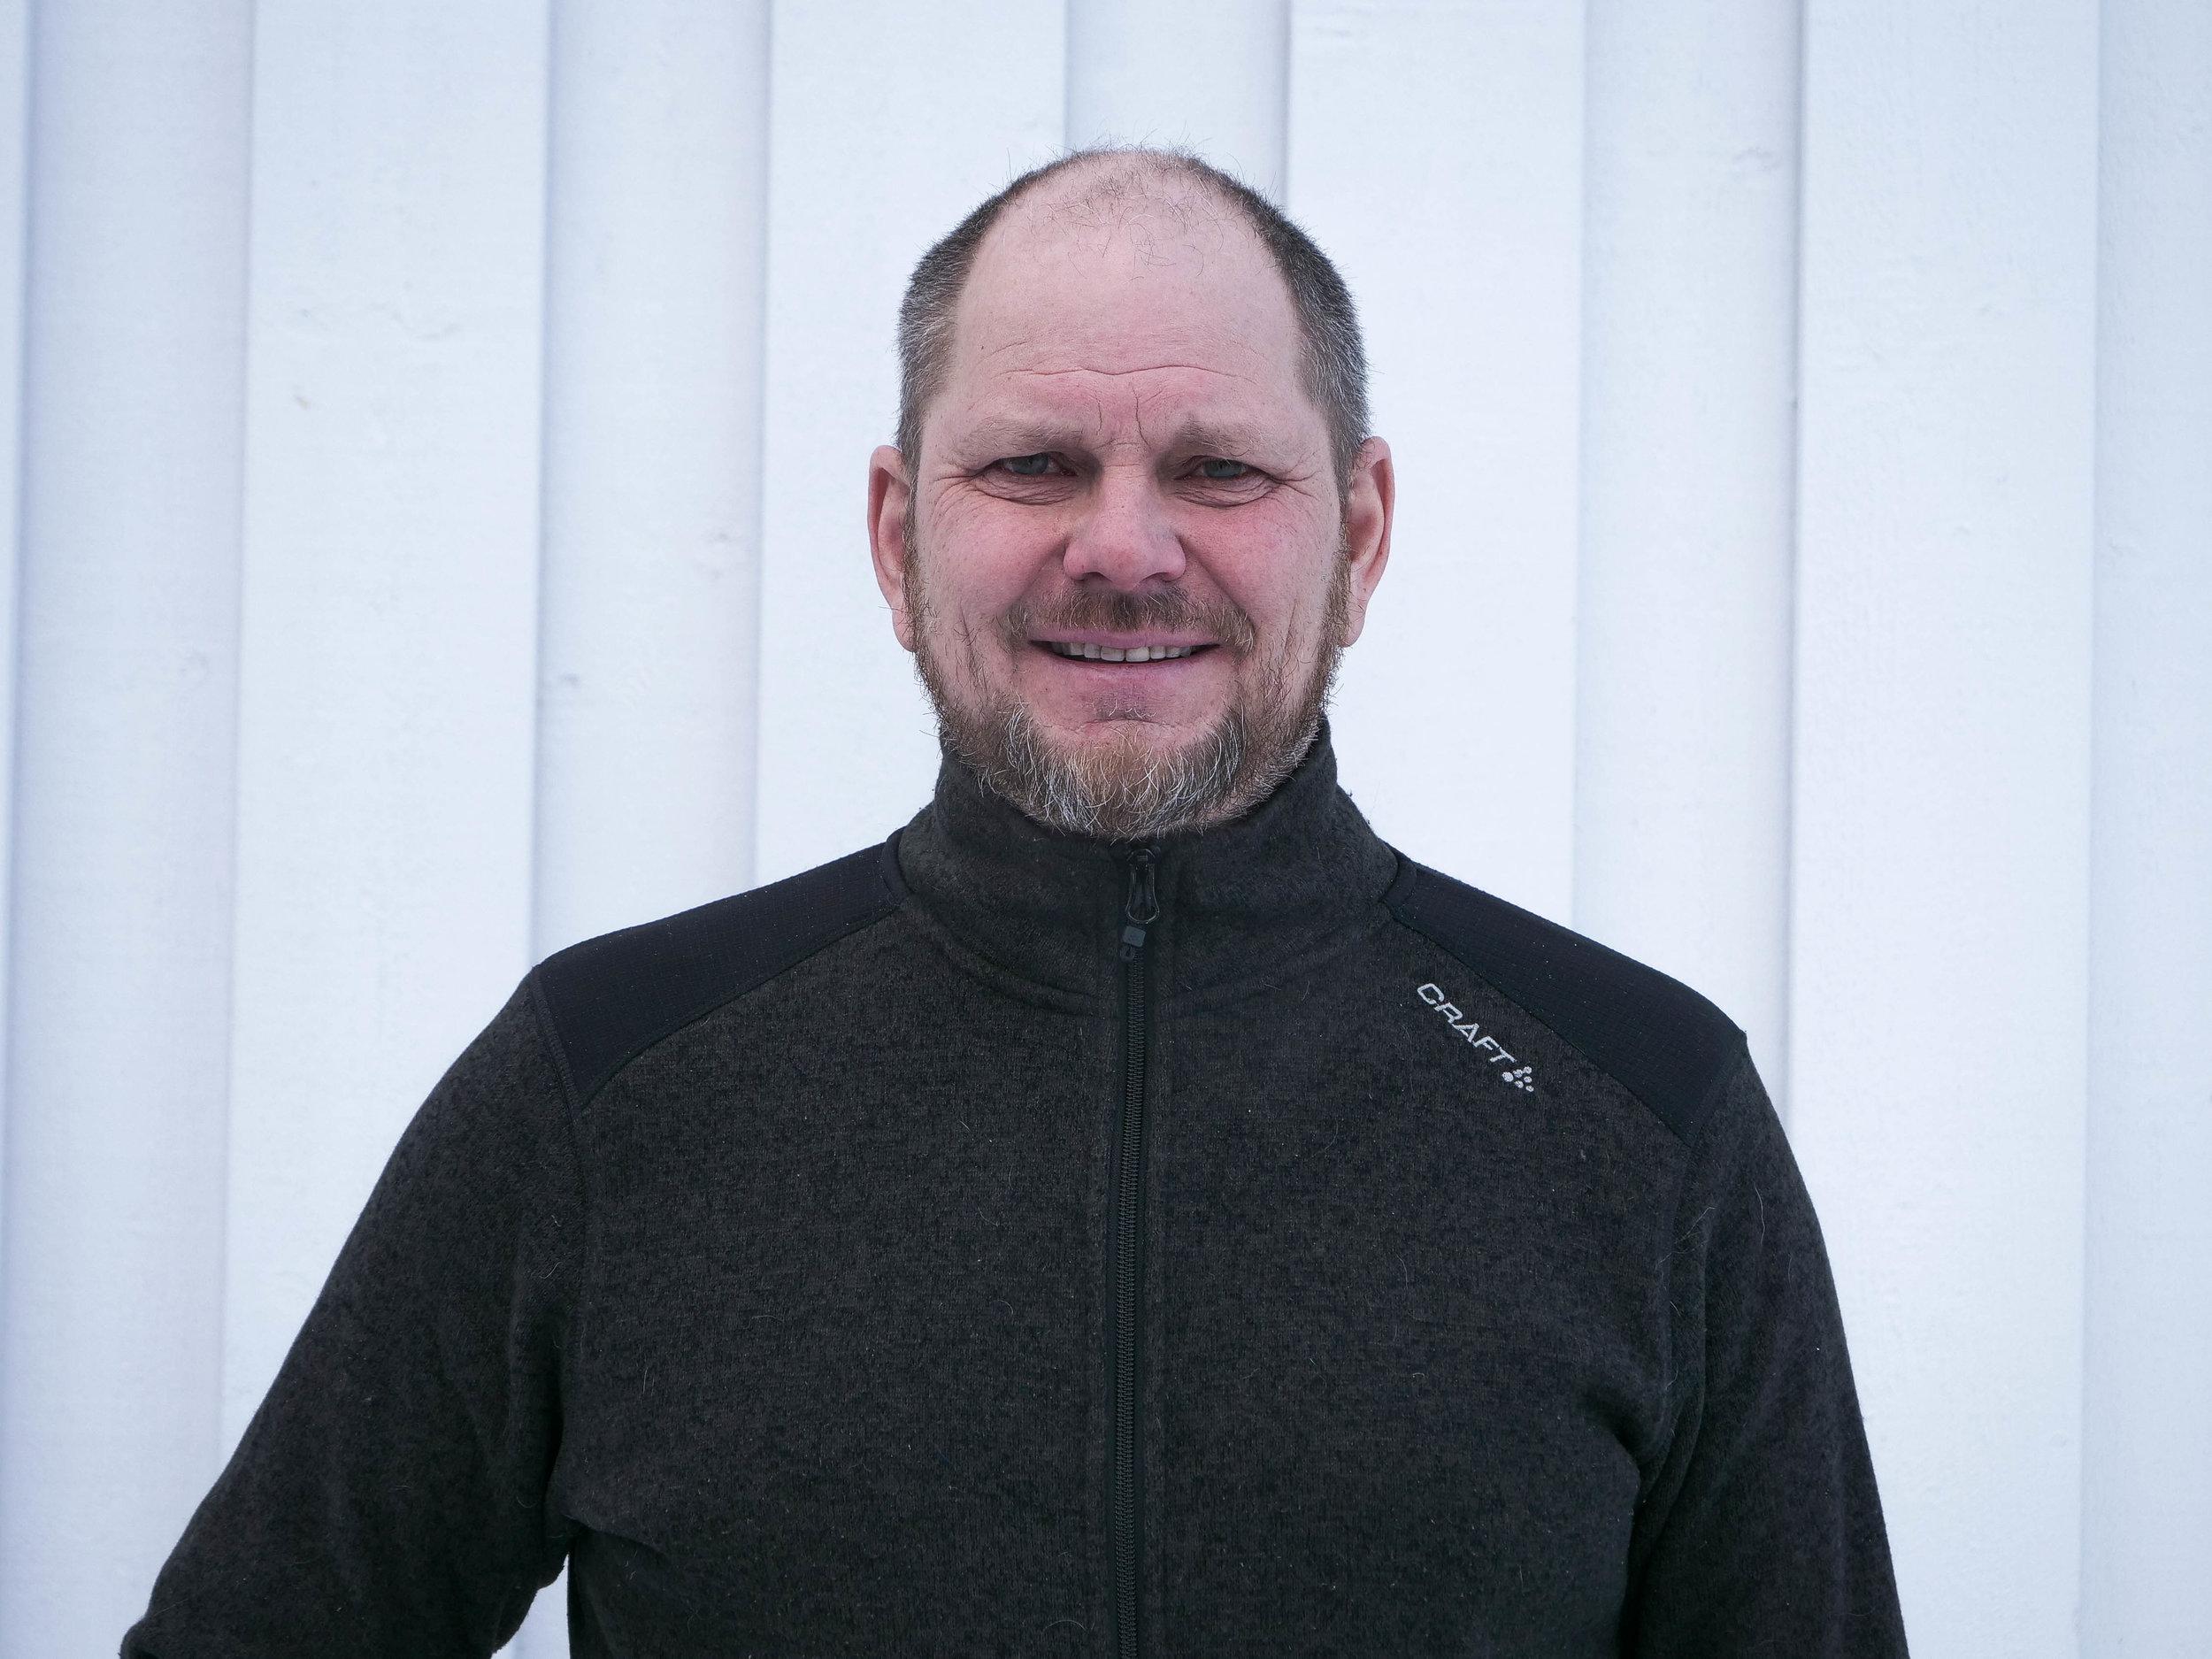 Besseberg profilbilder-2.jpg